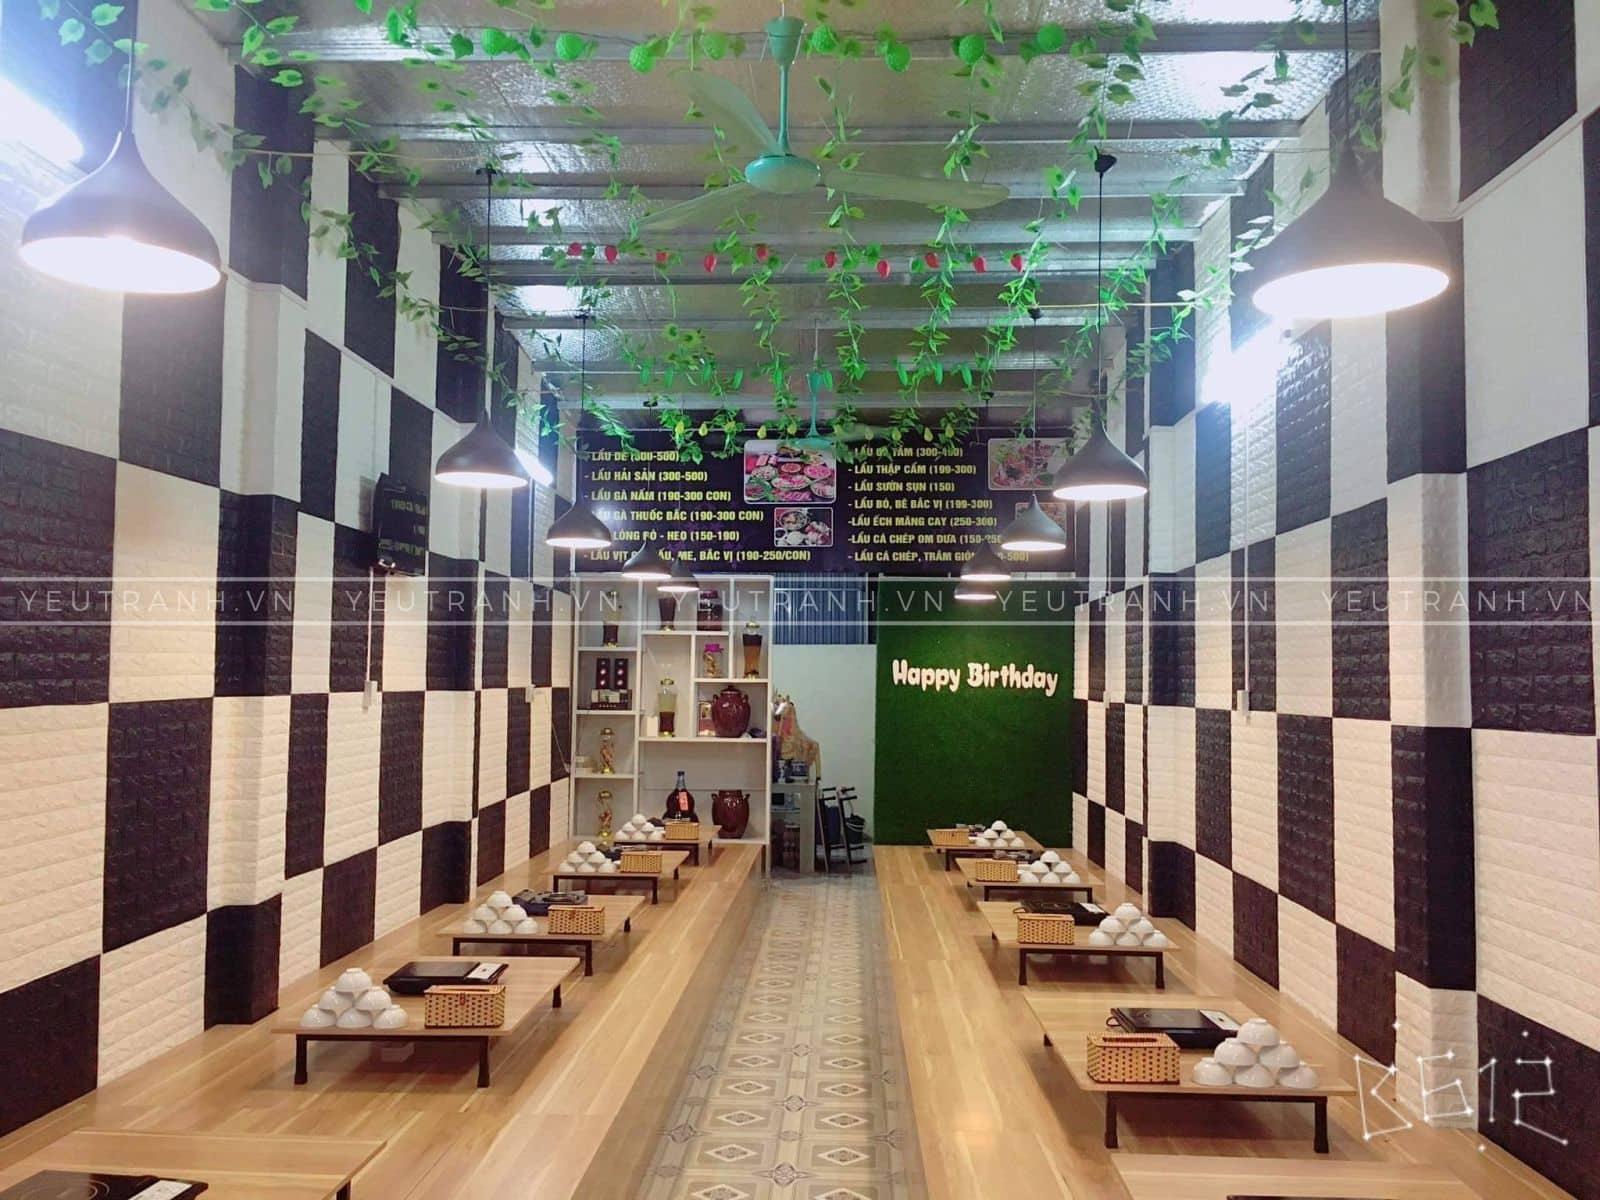 Ứng dụng trang trí tường quán ăn bằng xốp dán tường 3d